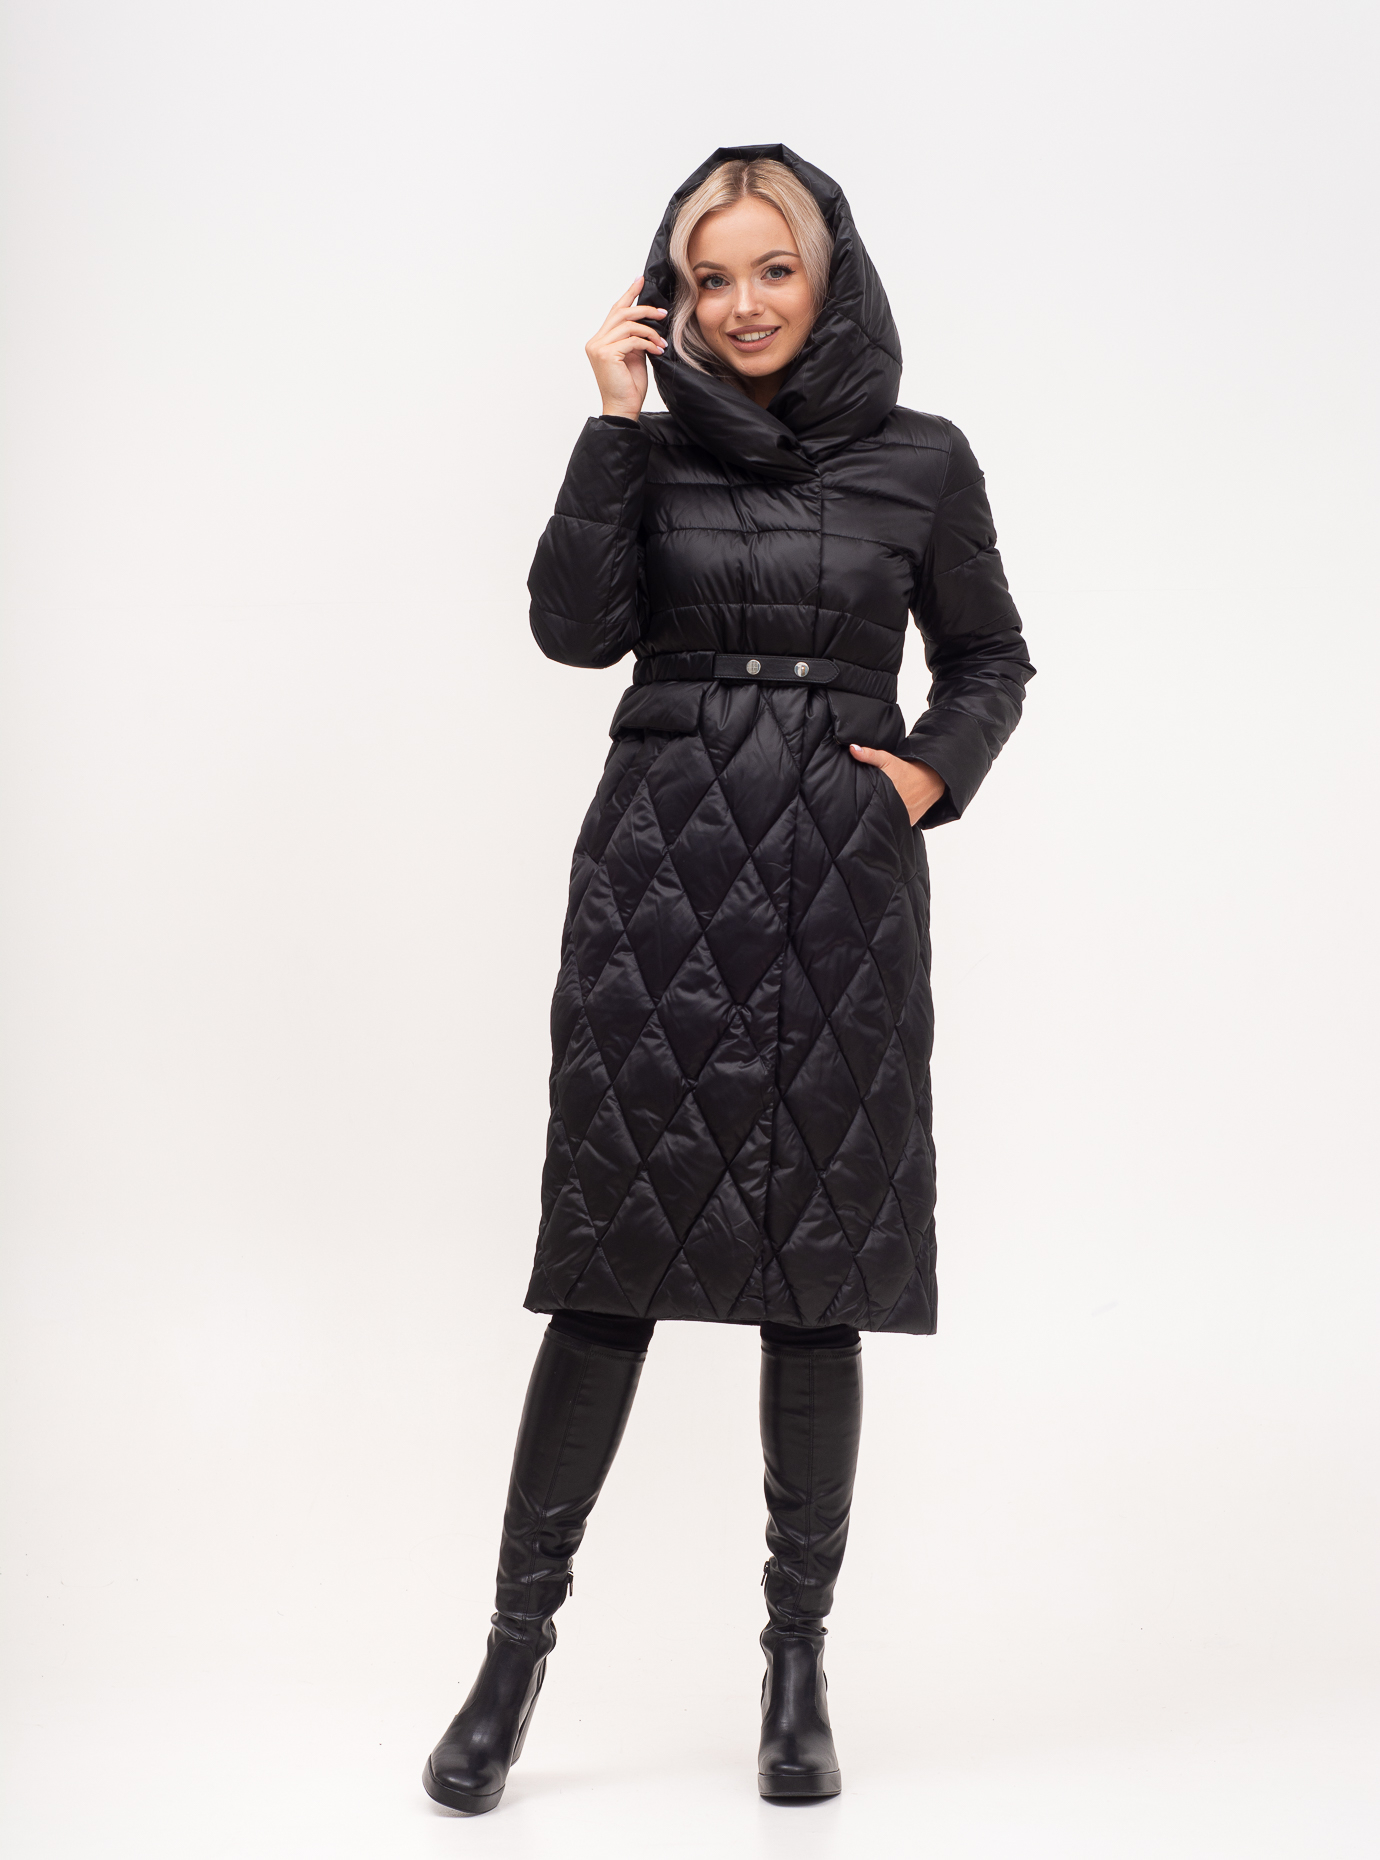 Пальто зимове з поясом Чорний 46 (01-N200247): фото - Alster.ua